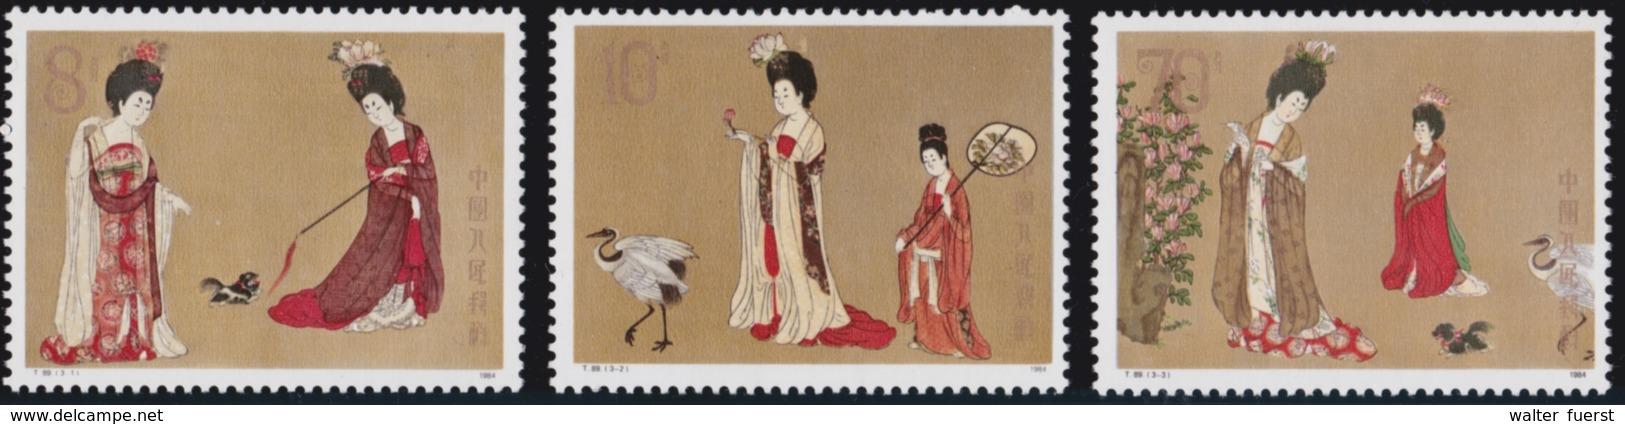 """CHINA 1984  T89, """"Beauties Wearing Flowers"""", Serie Mnh + Souvenir Sheet Mint, Never Hinged - 1949 - ... République Populaire"""